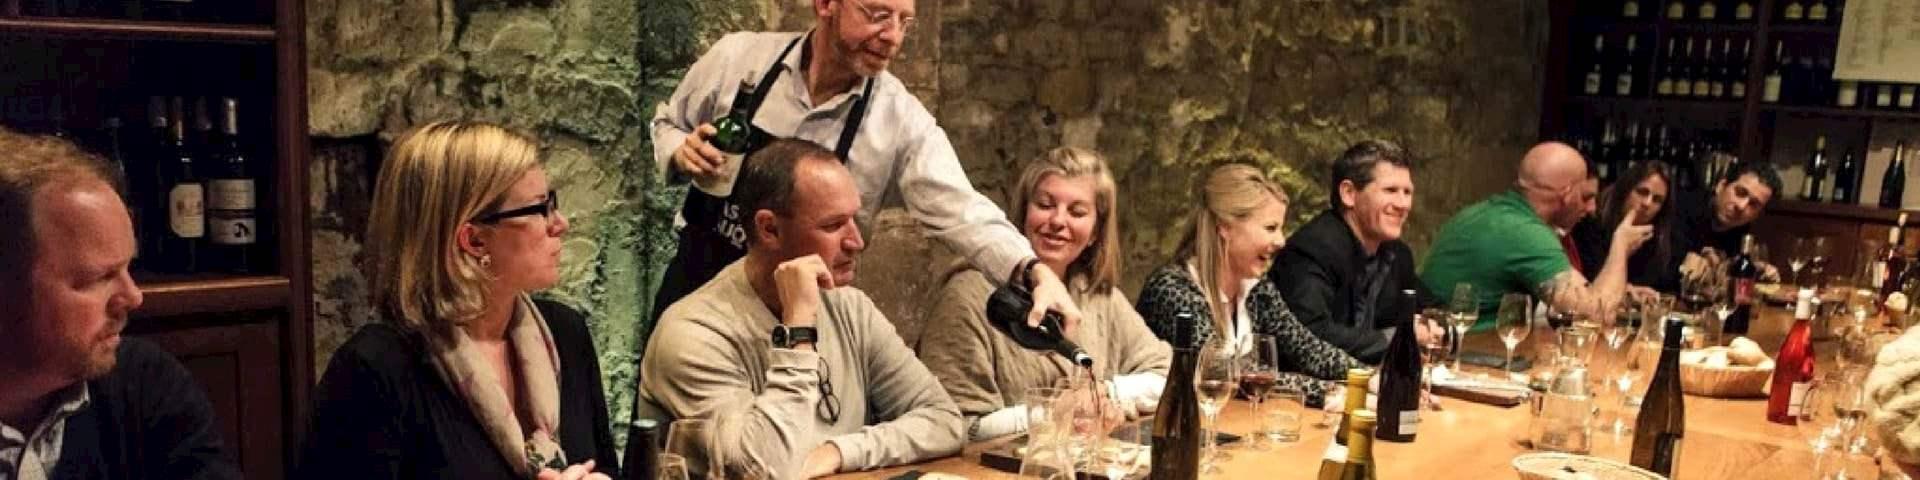 Wine Tasting Tours in Paris